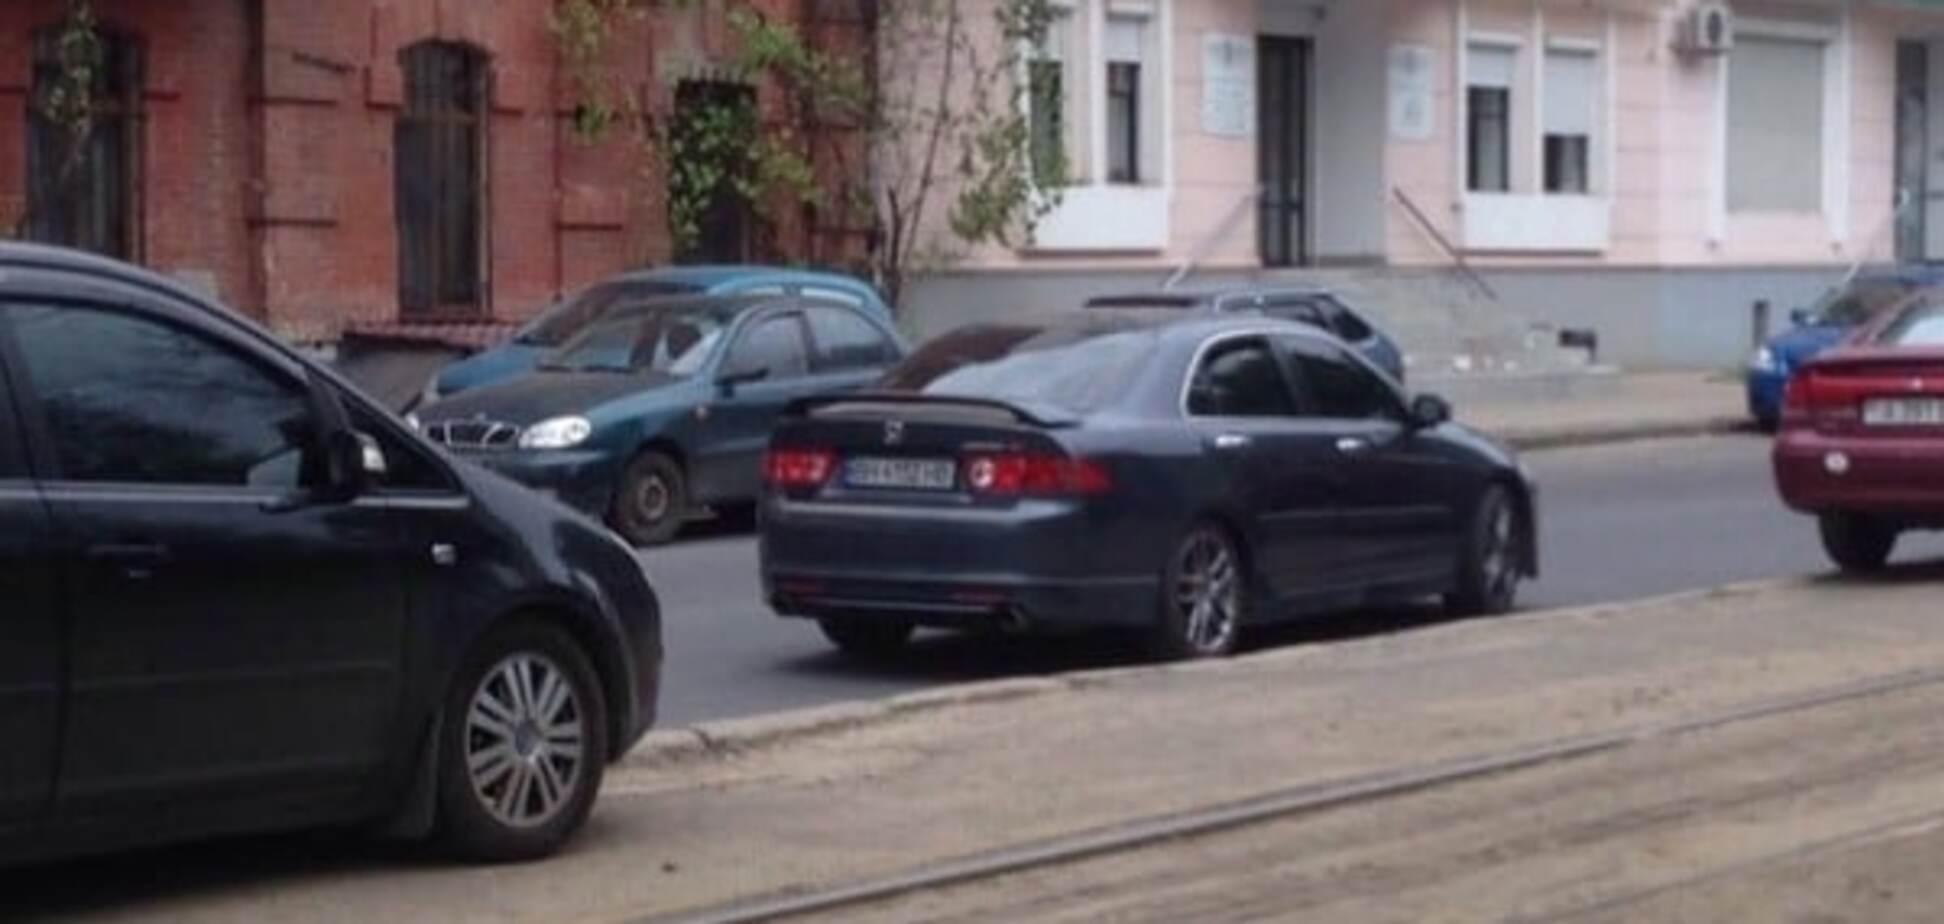 Стало известно, кто расстрелял съемочную группу в Одессе